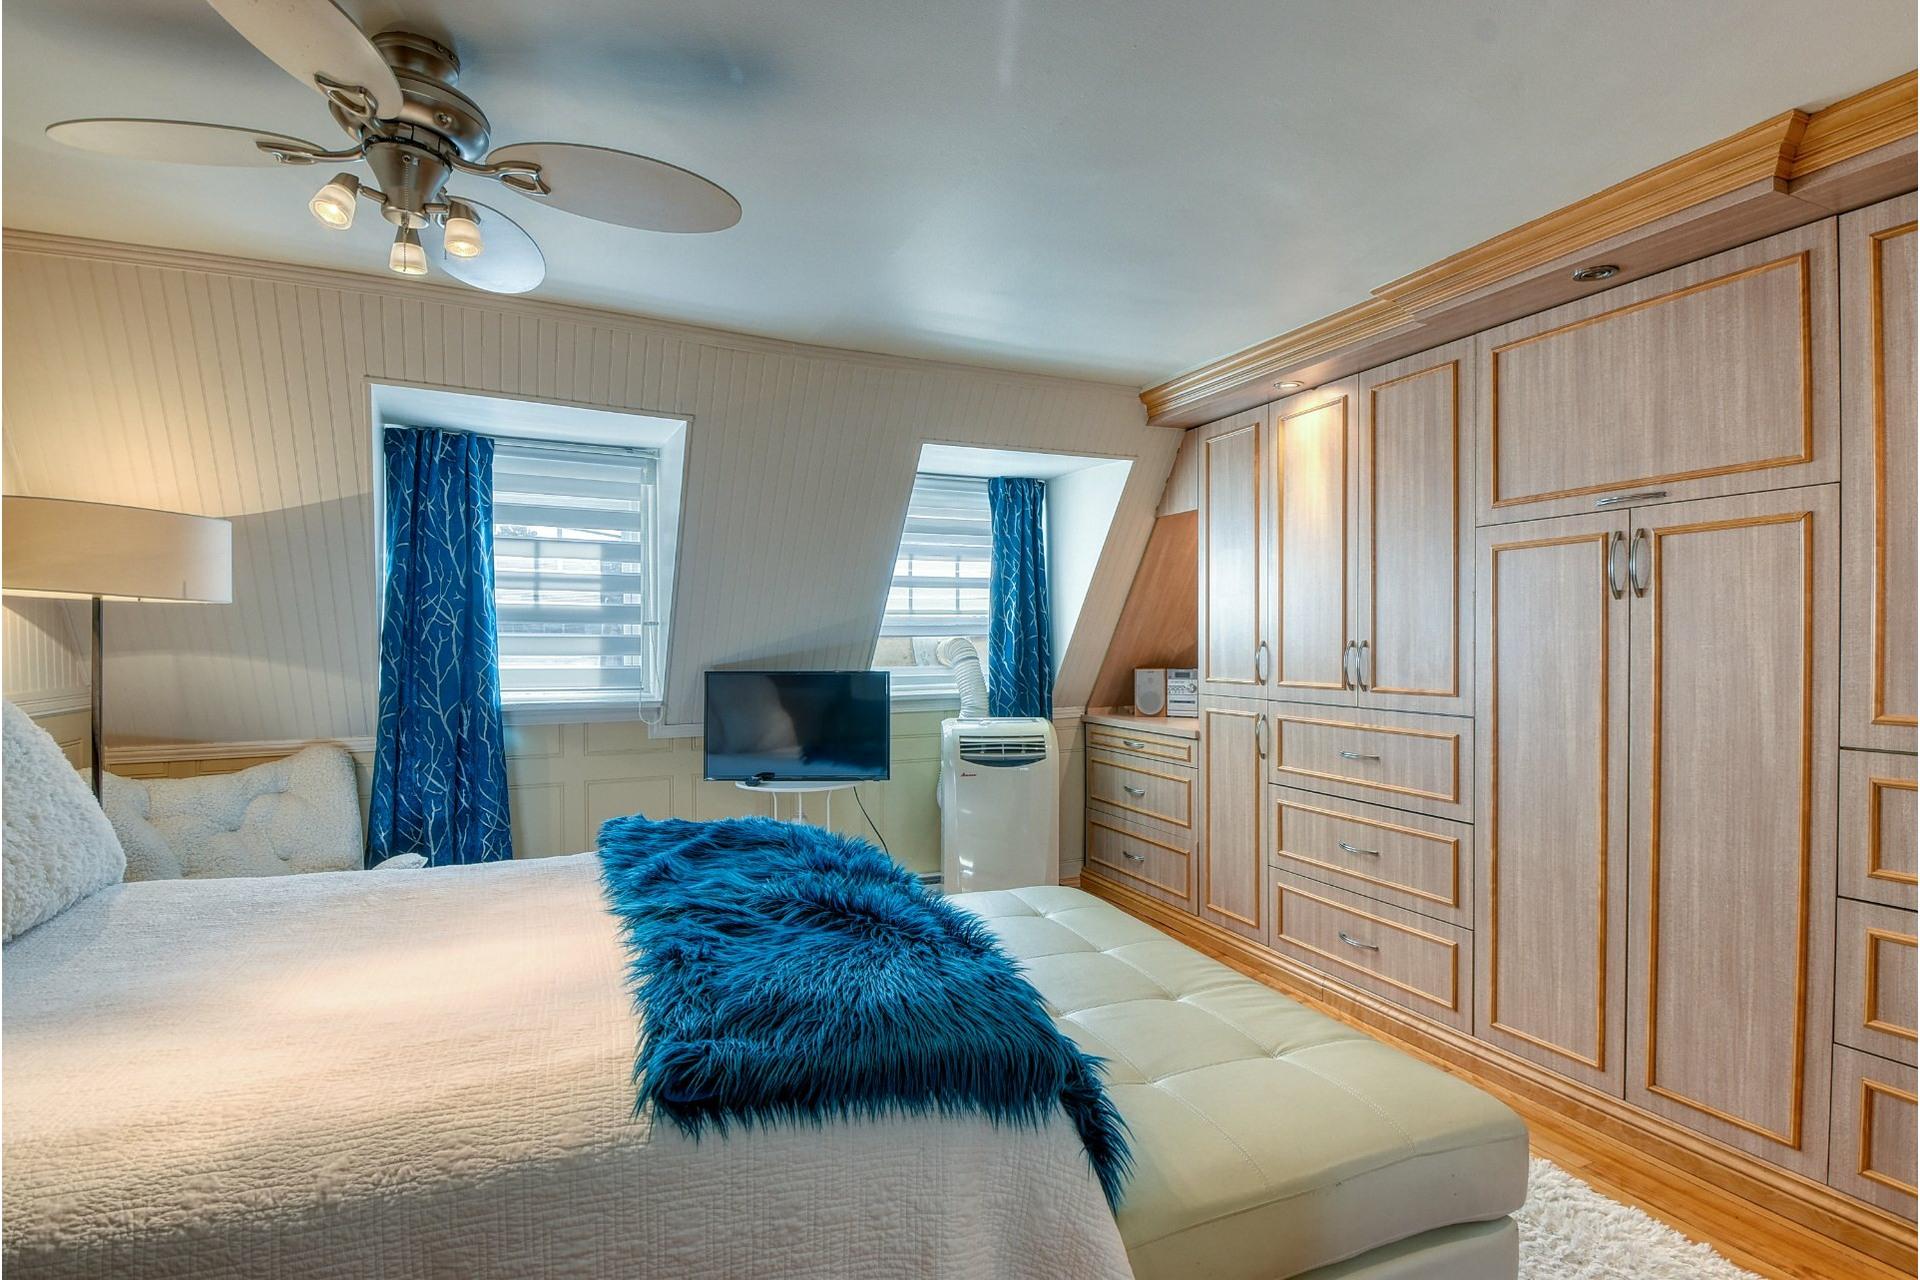 image 14 - Duplex For sale Lachine Montréal  - 5 rooms